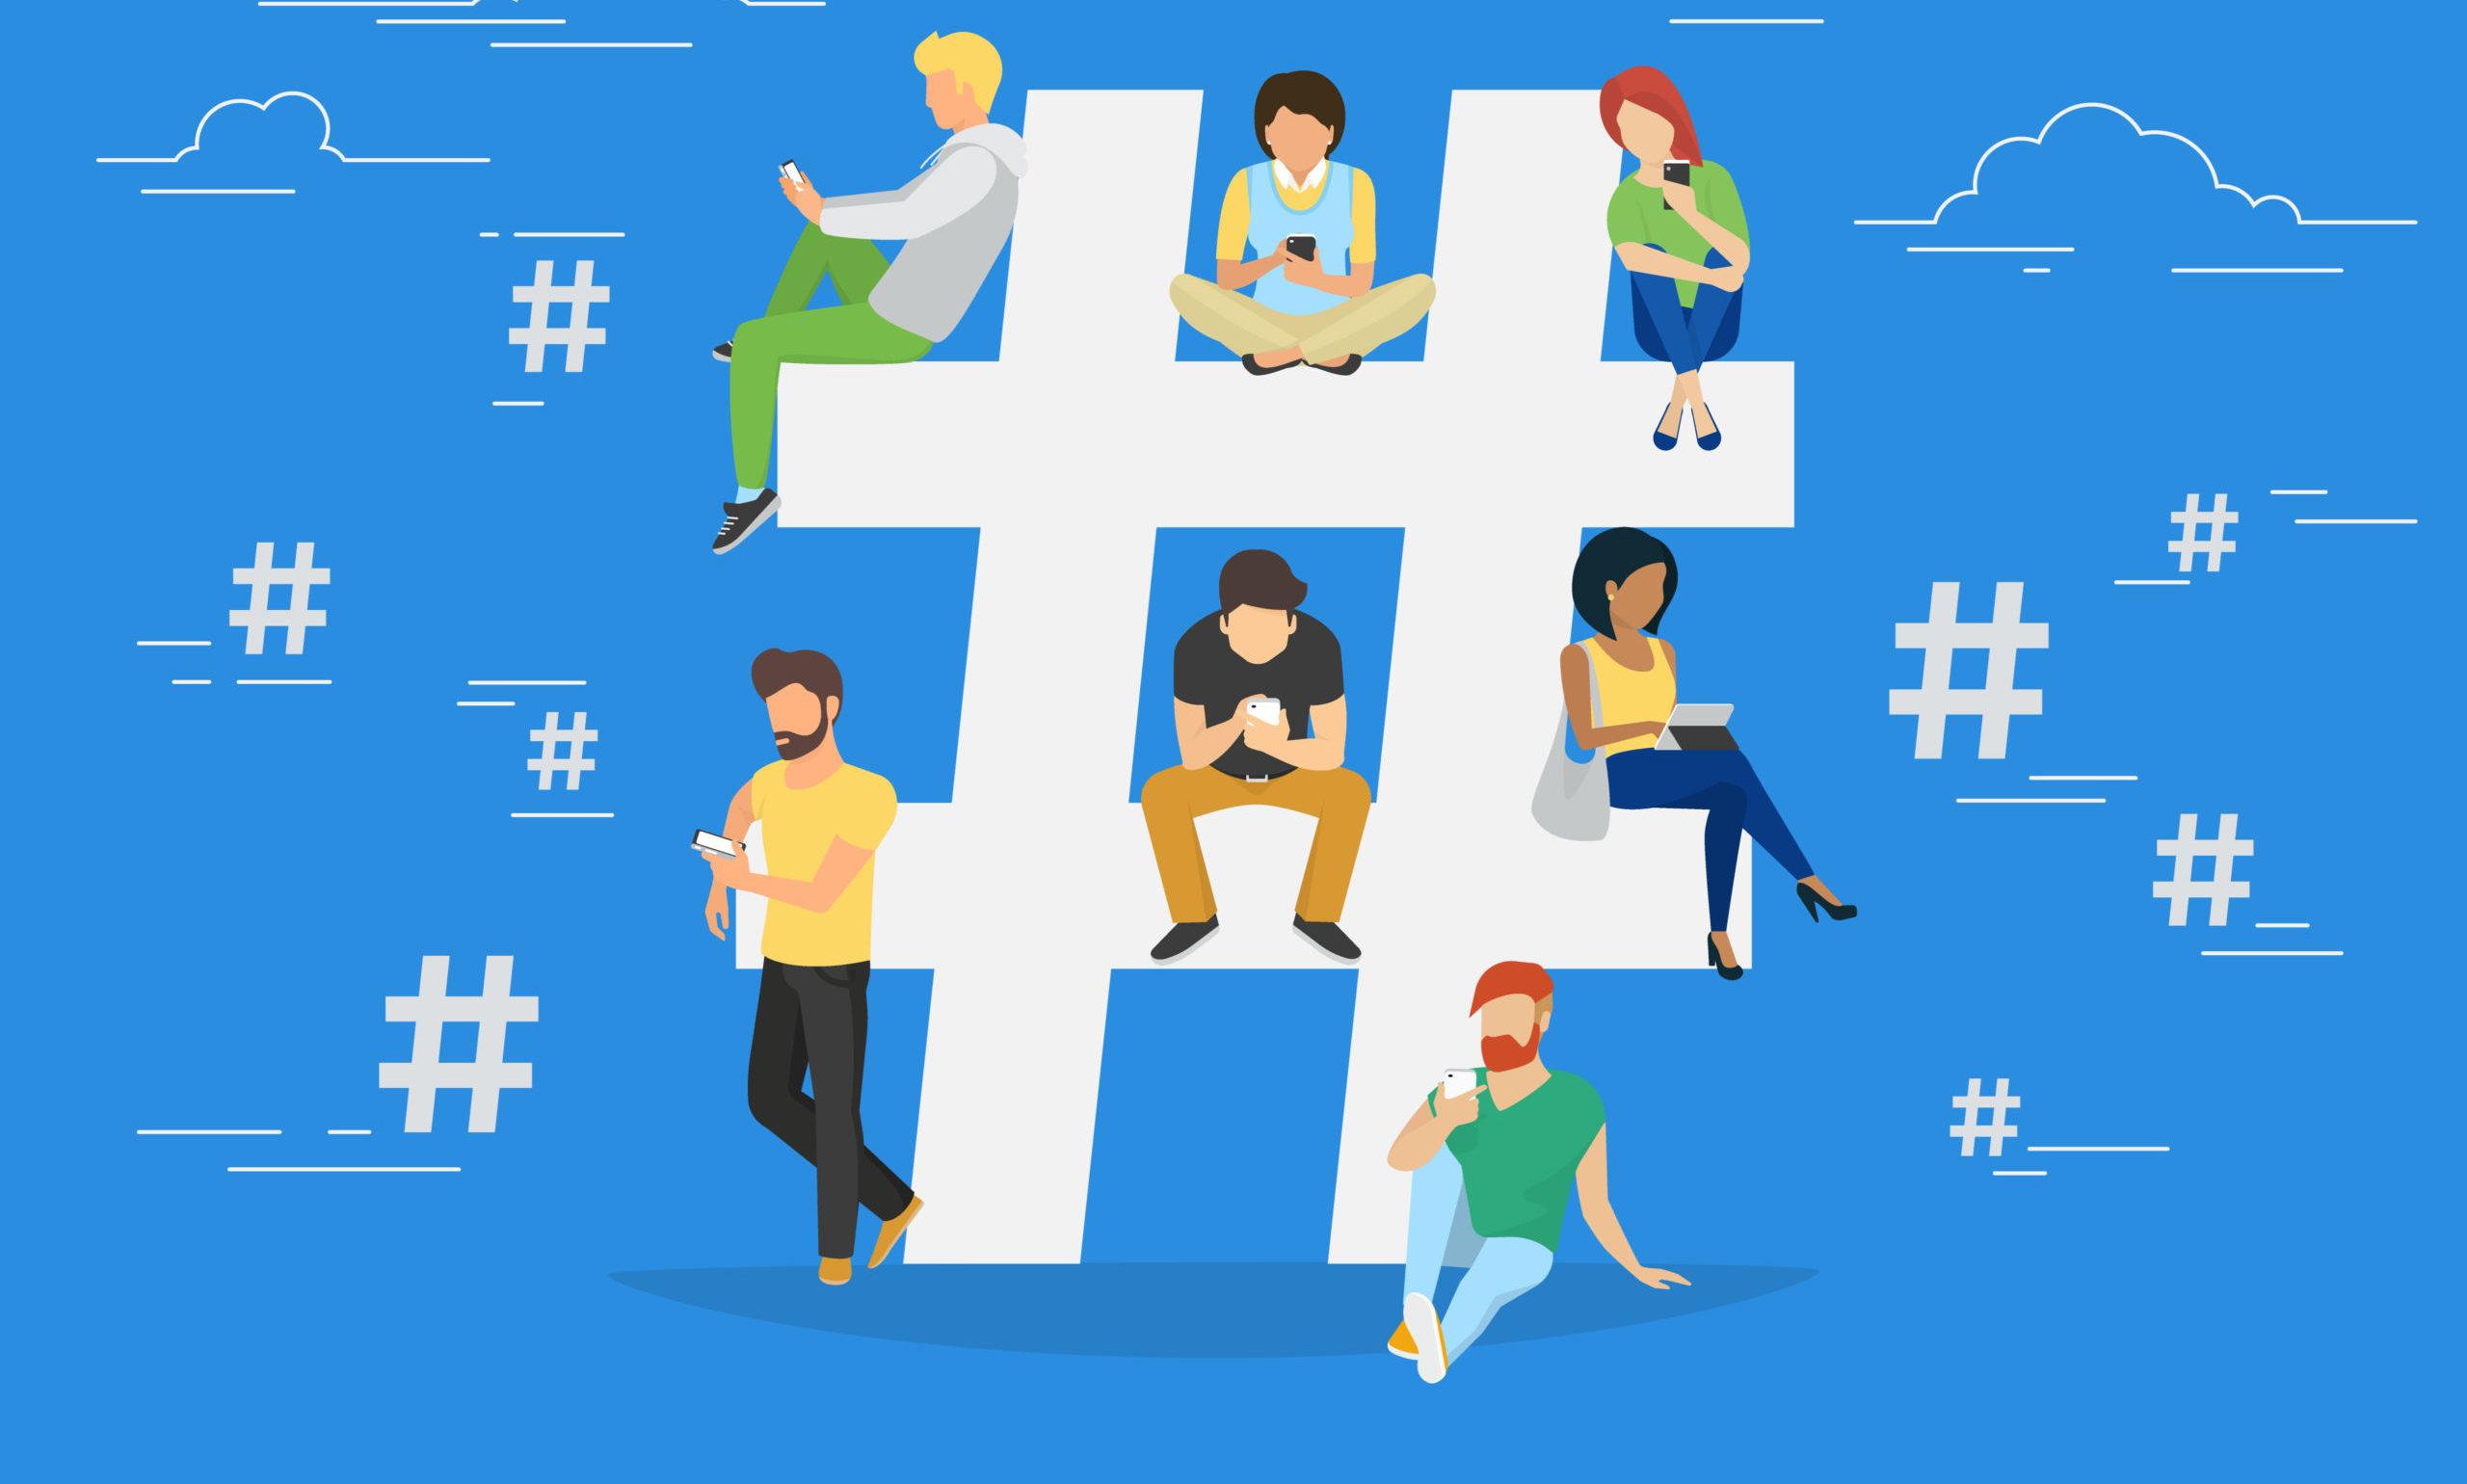 Tổng hợp các thuật ngữ trên mạng xã hội HOT NHẤT (Phần 2)